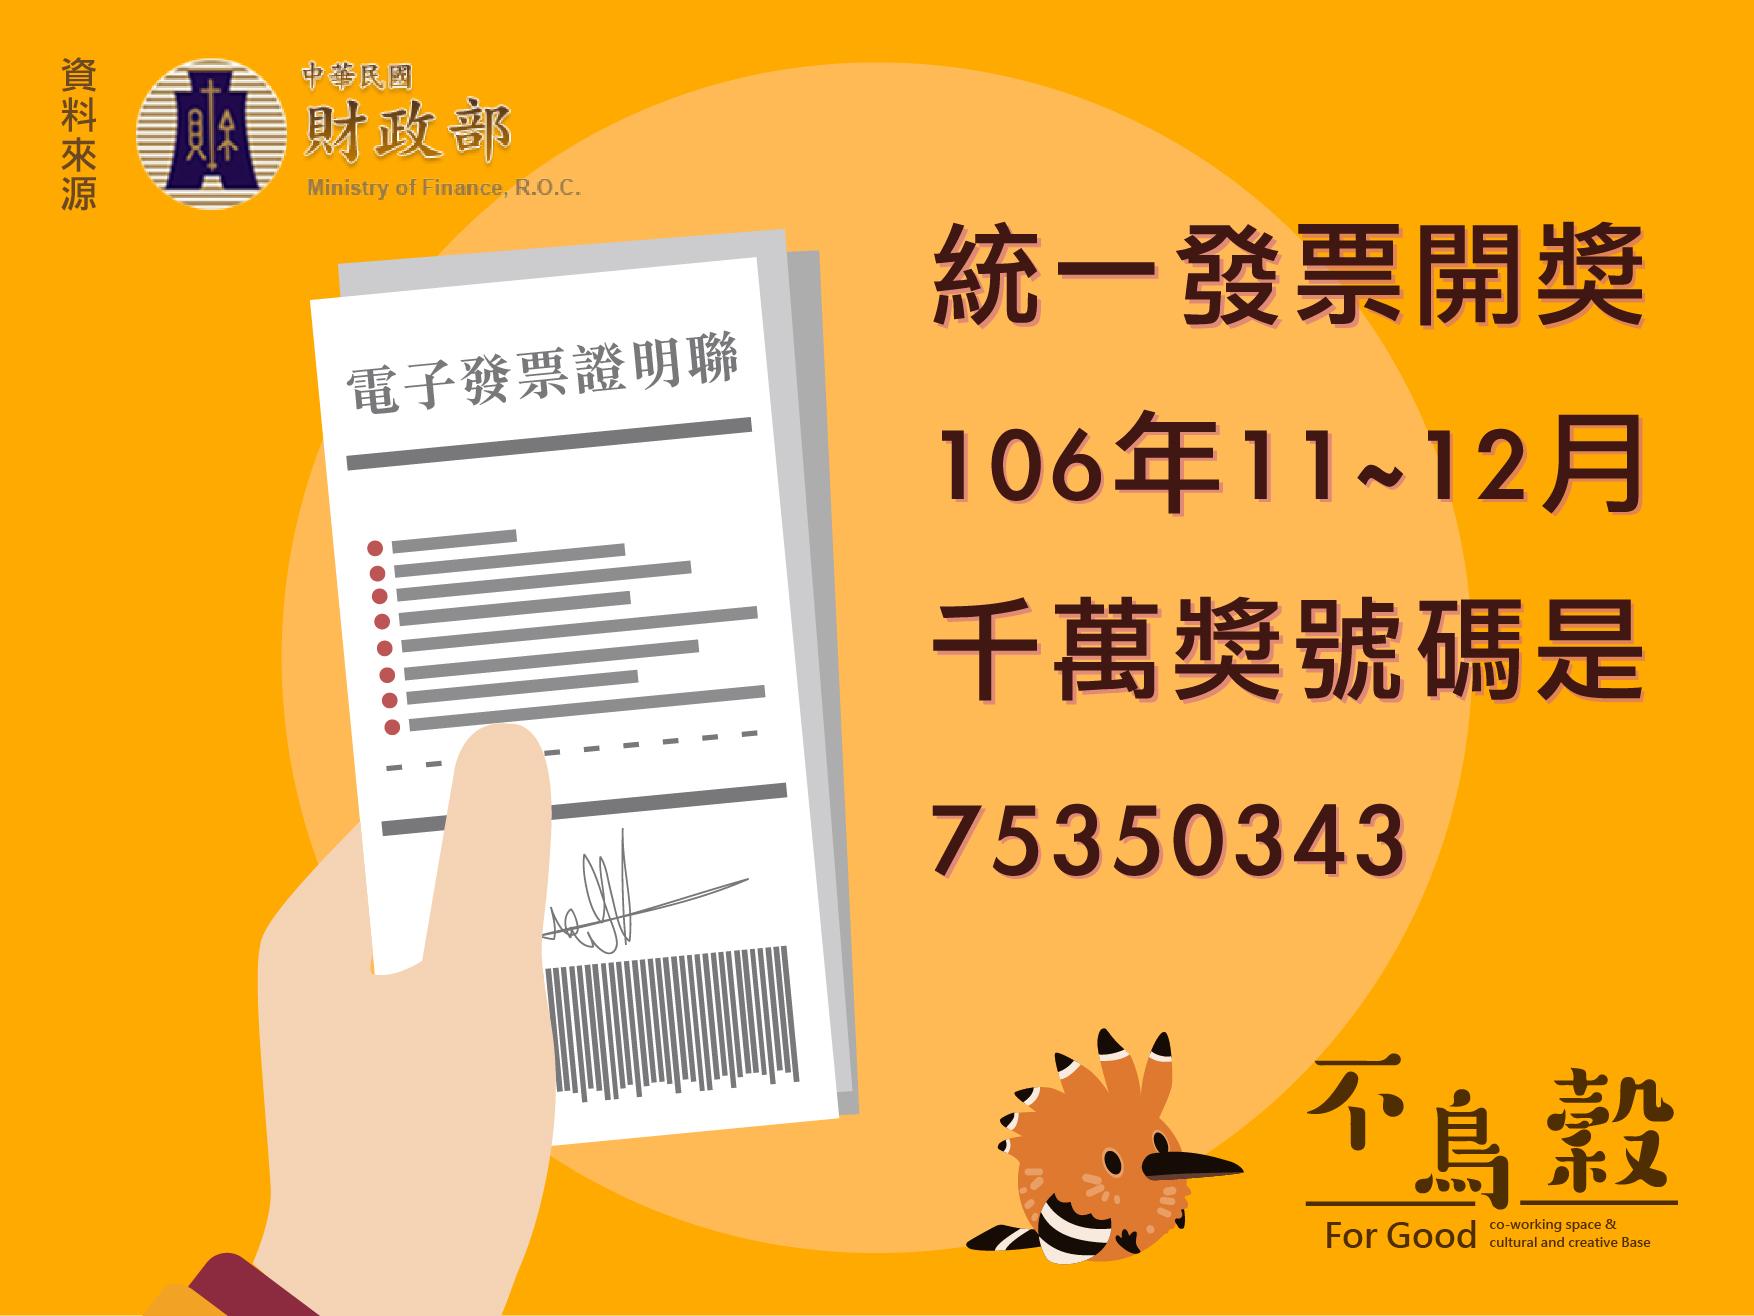 統一發票11~12月開獎,千萬獎號碼是75350343